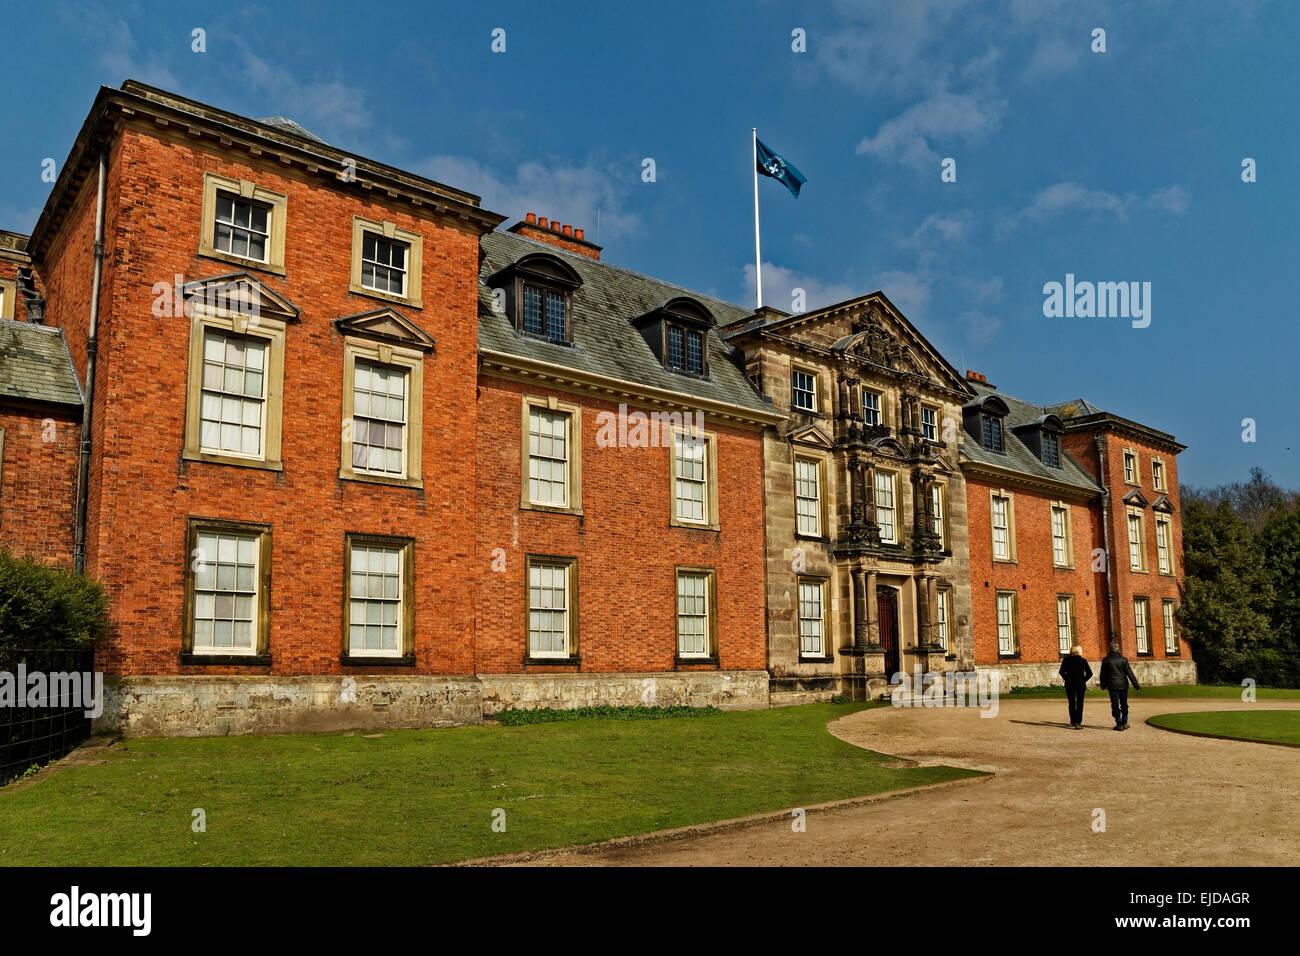 Dunham Massey Hall, Altrincham, Cheshire - Stock Image